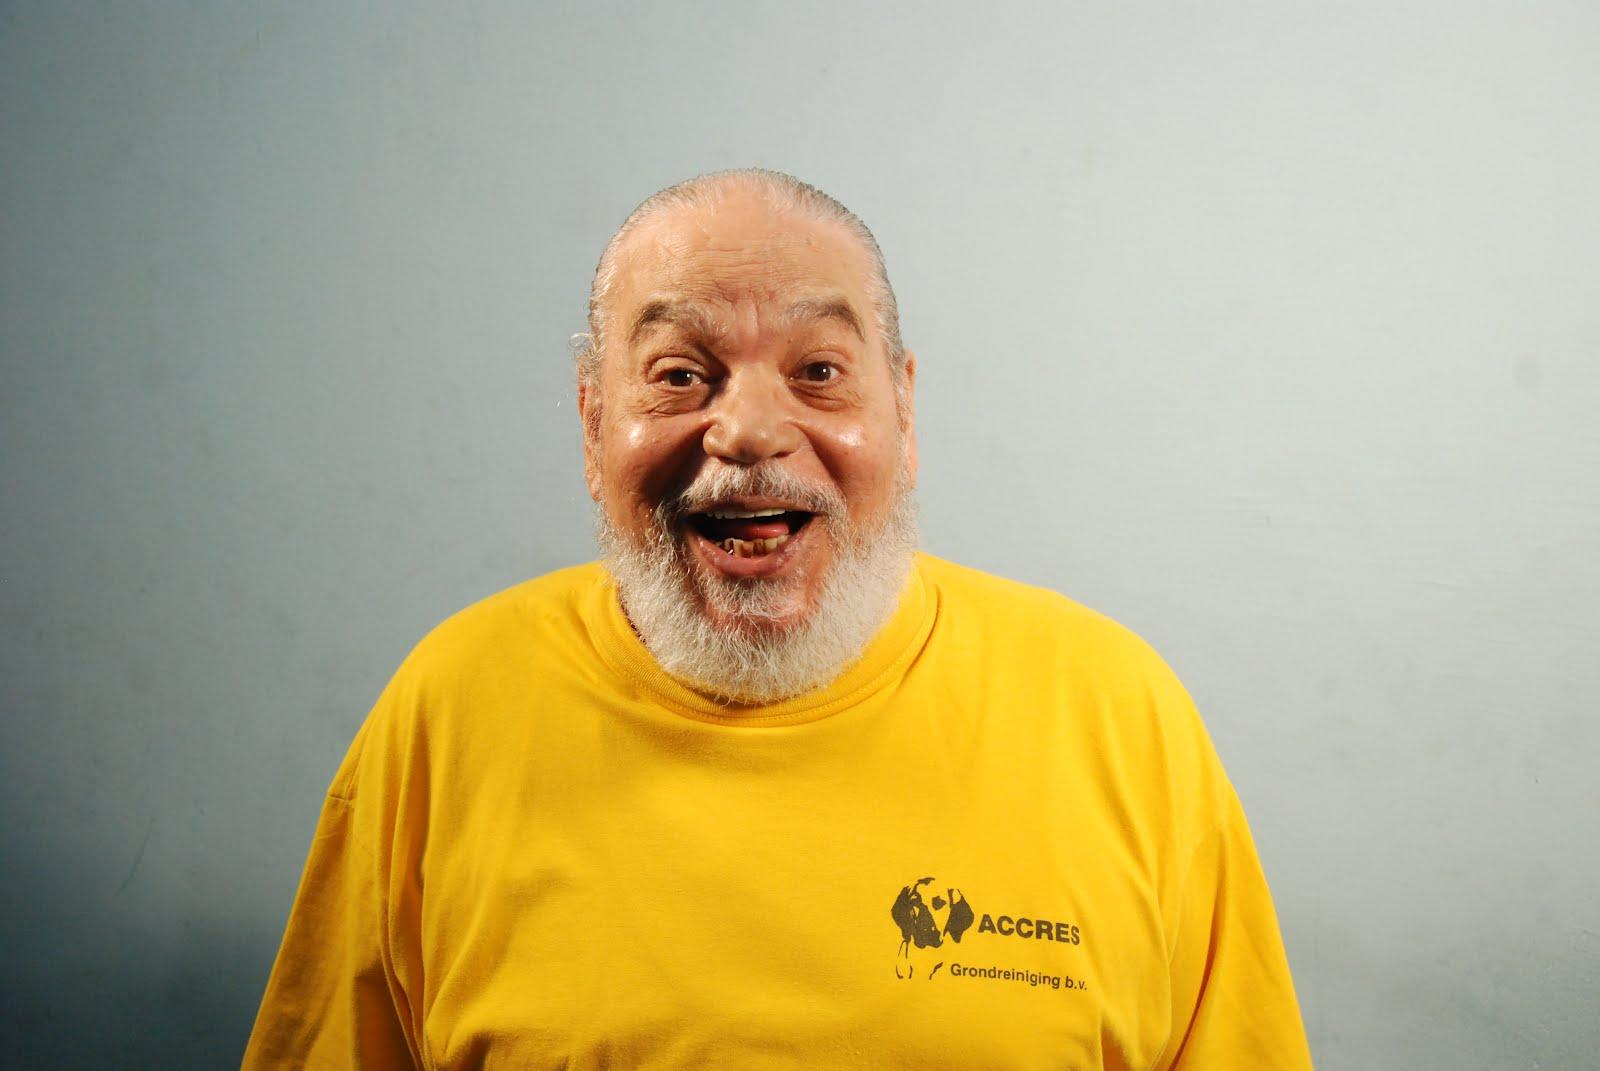 وفاة الفنان المصري علي حسنين